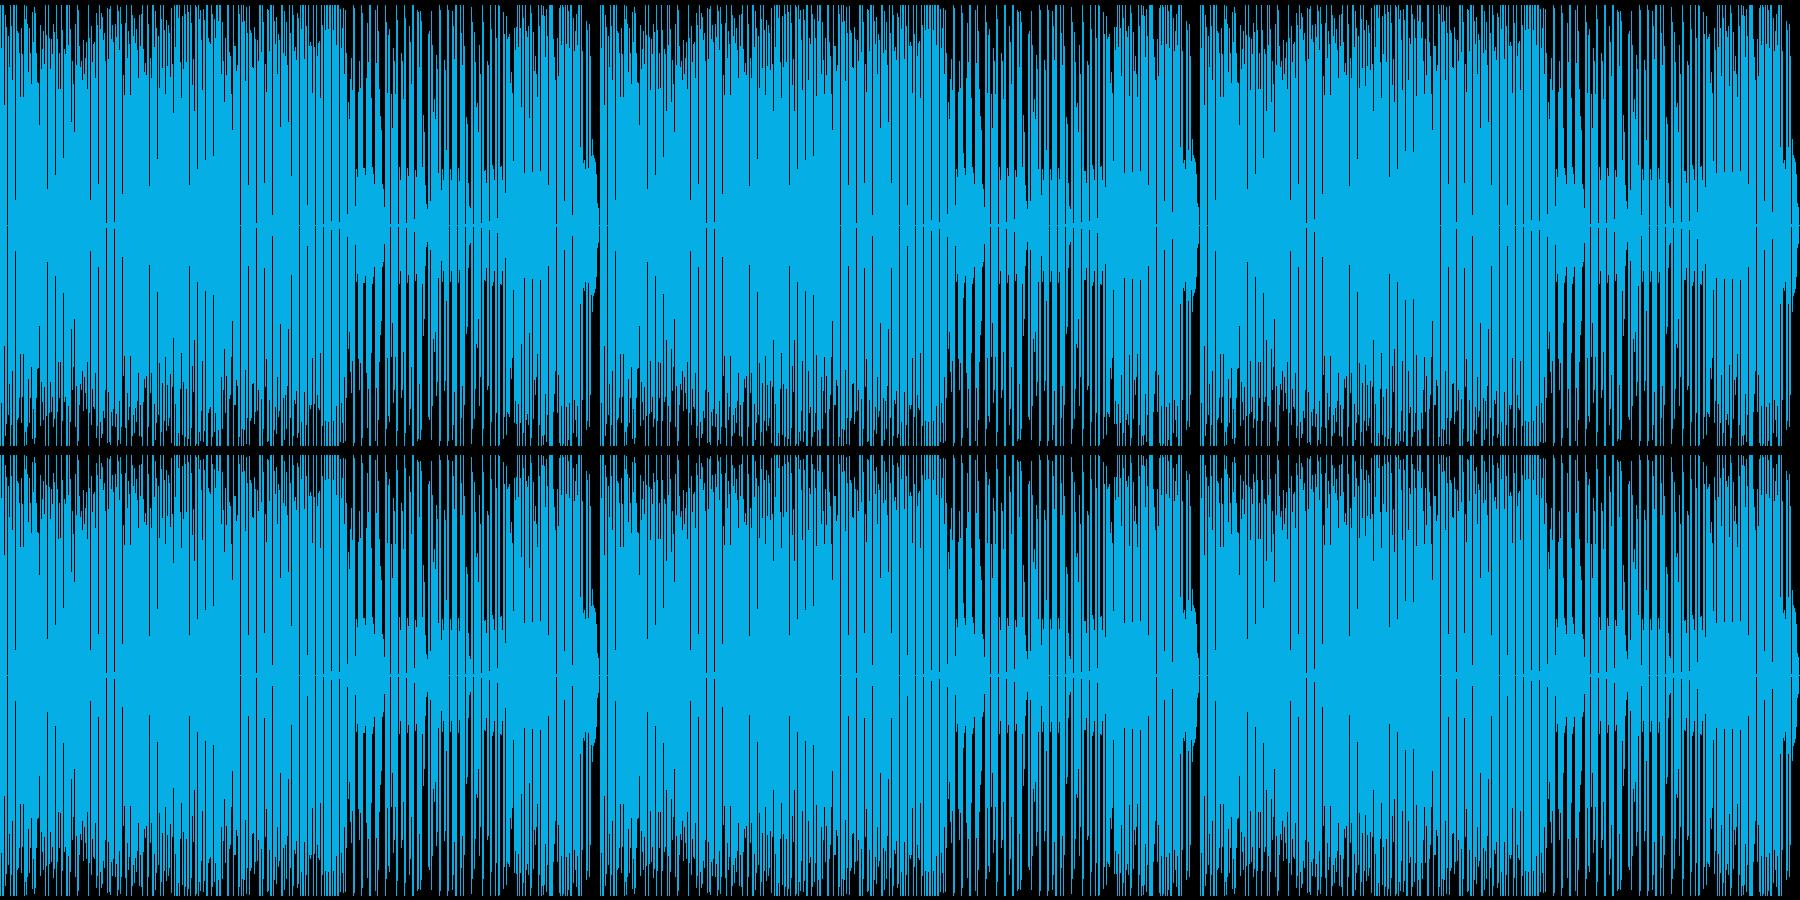 ファミコンっぽい戦闘シーンのBGMの再生済みの波形